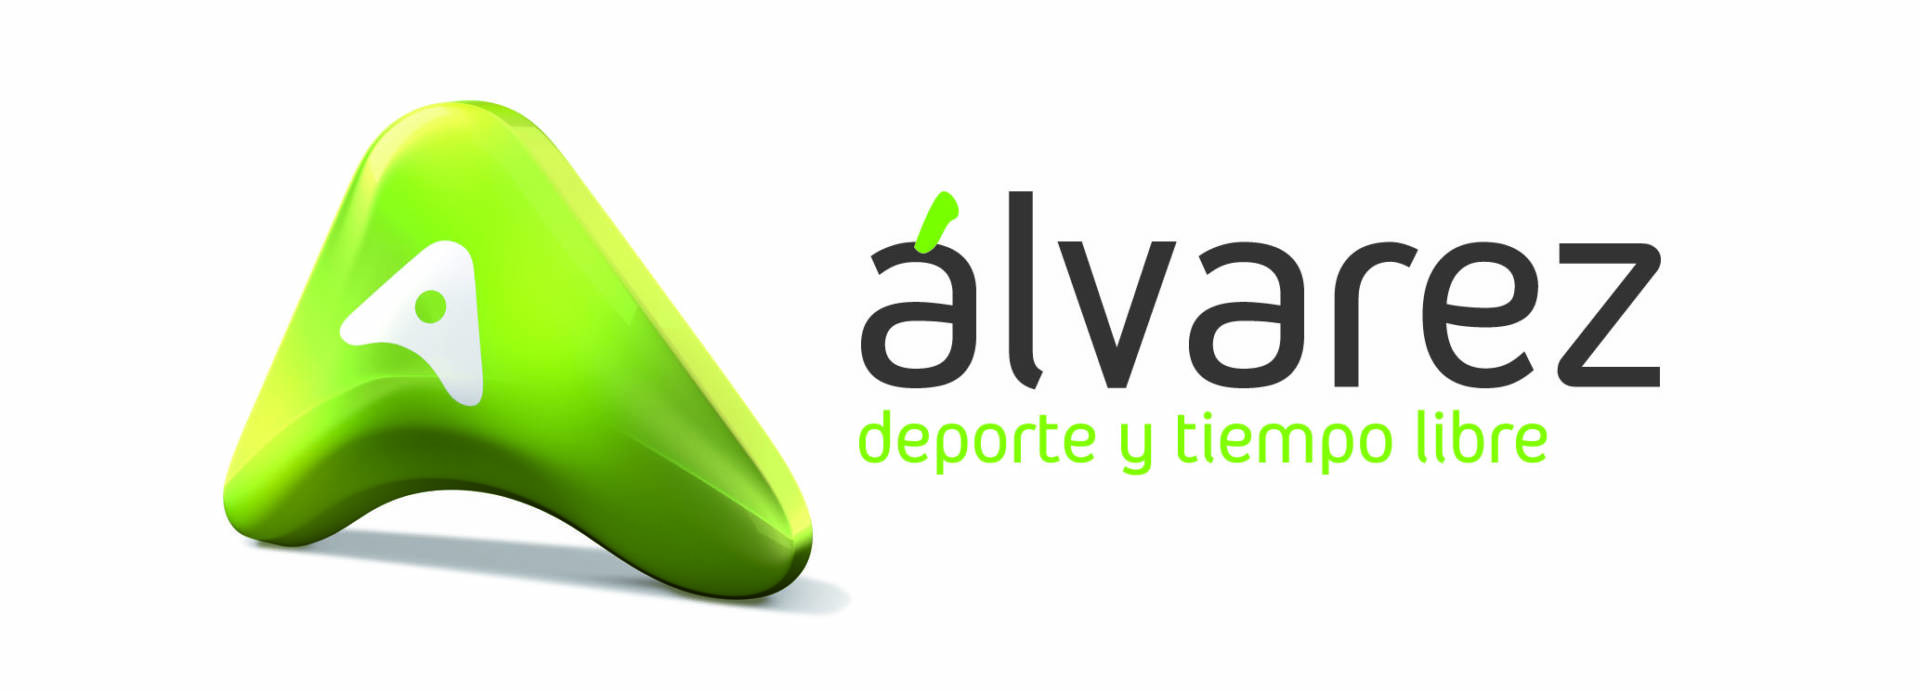 Armería Álvarez ofrece financiación sin intereses en armas y óptica